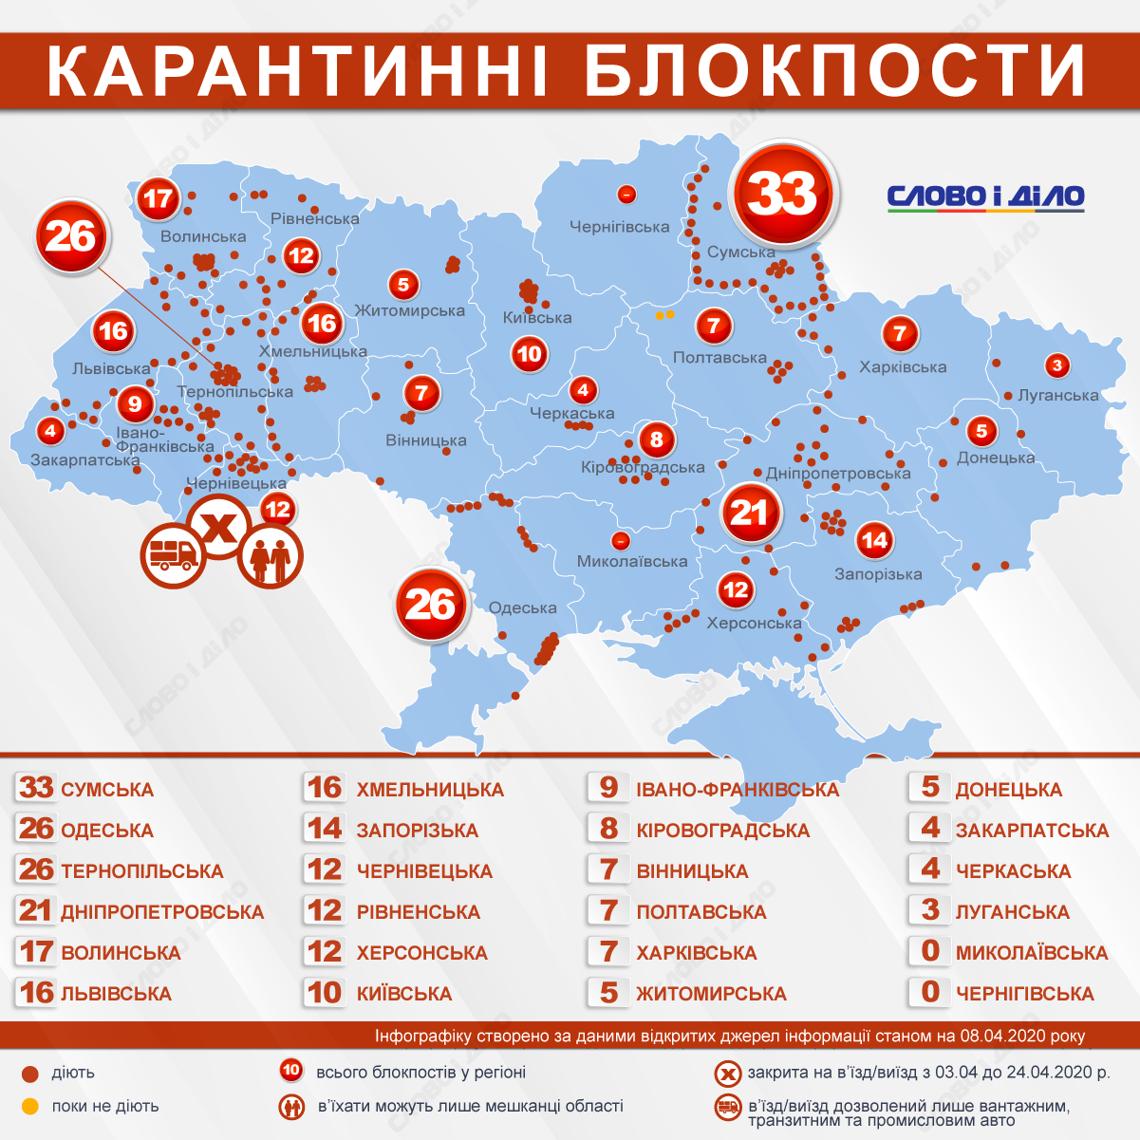 Опубликована действующая карта блокпостов в Украине 1